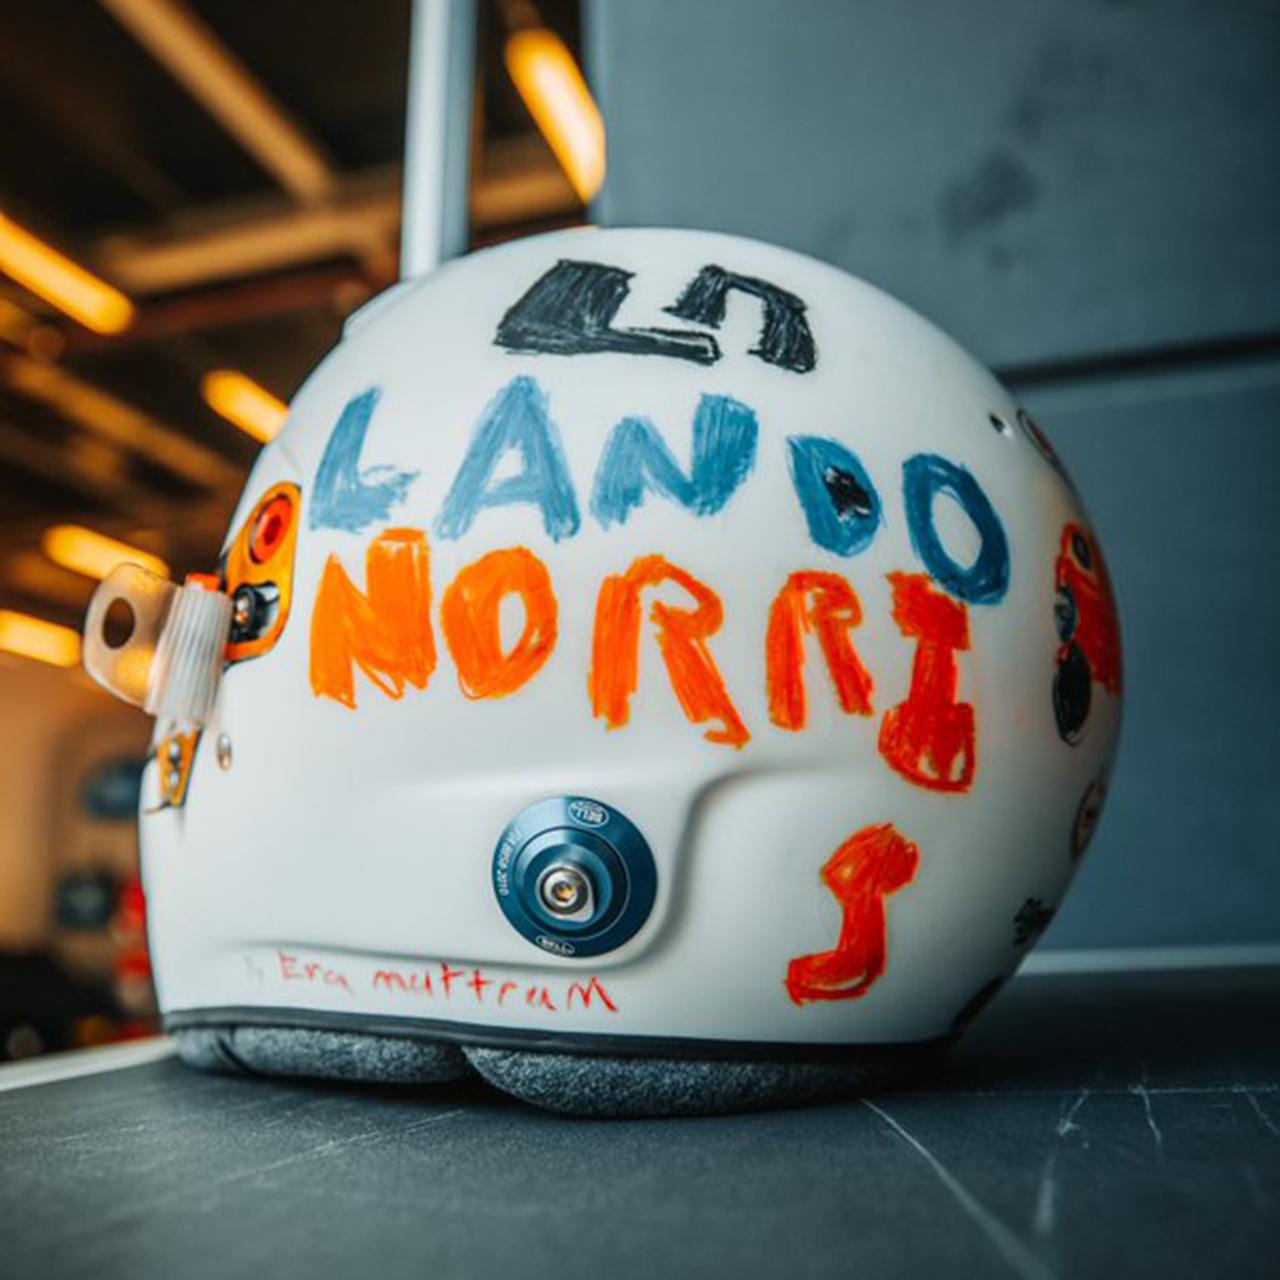 ランド・ノリス 2020年F1イギリスGP 特別ヘルメット②